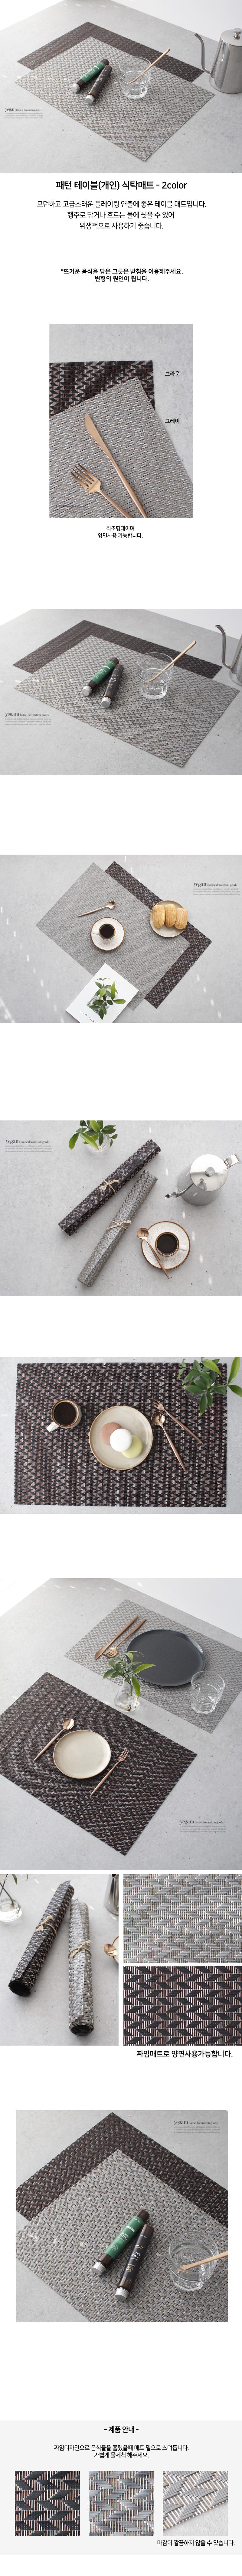 패턴 테이블(개인) 식탁매트 - 2color - 체리하우스, 4,000원, 매트, PVC매트